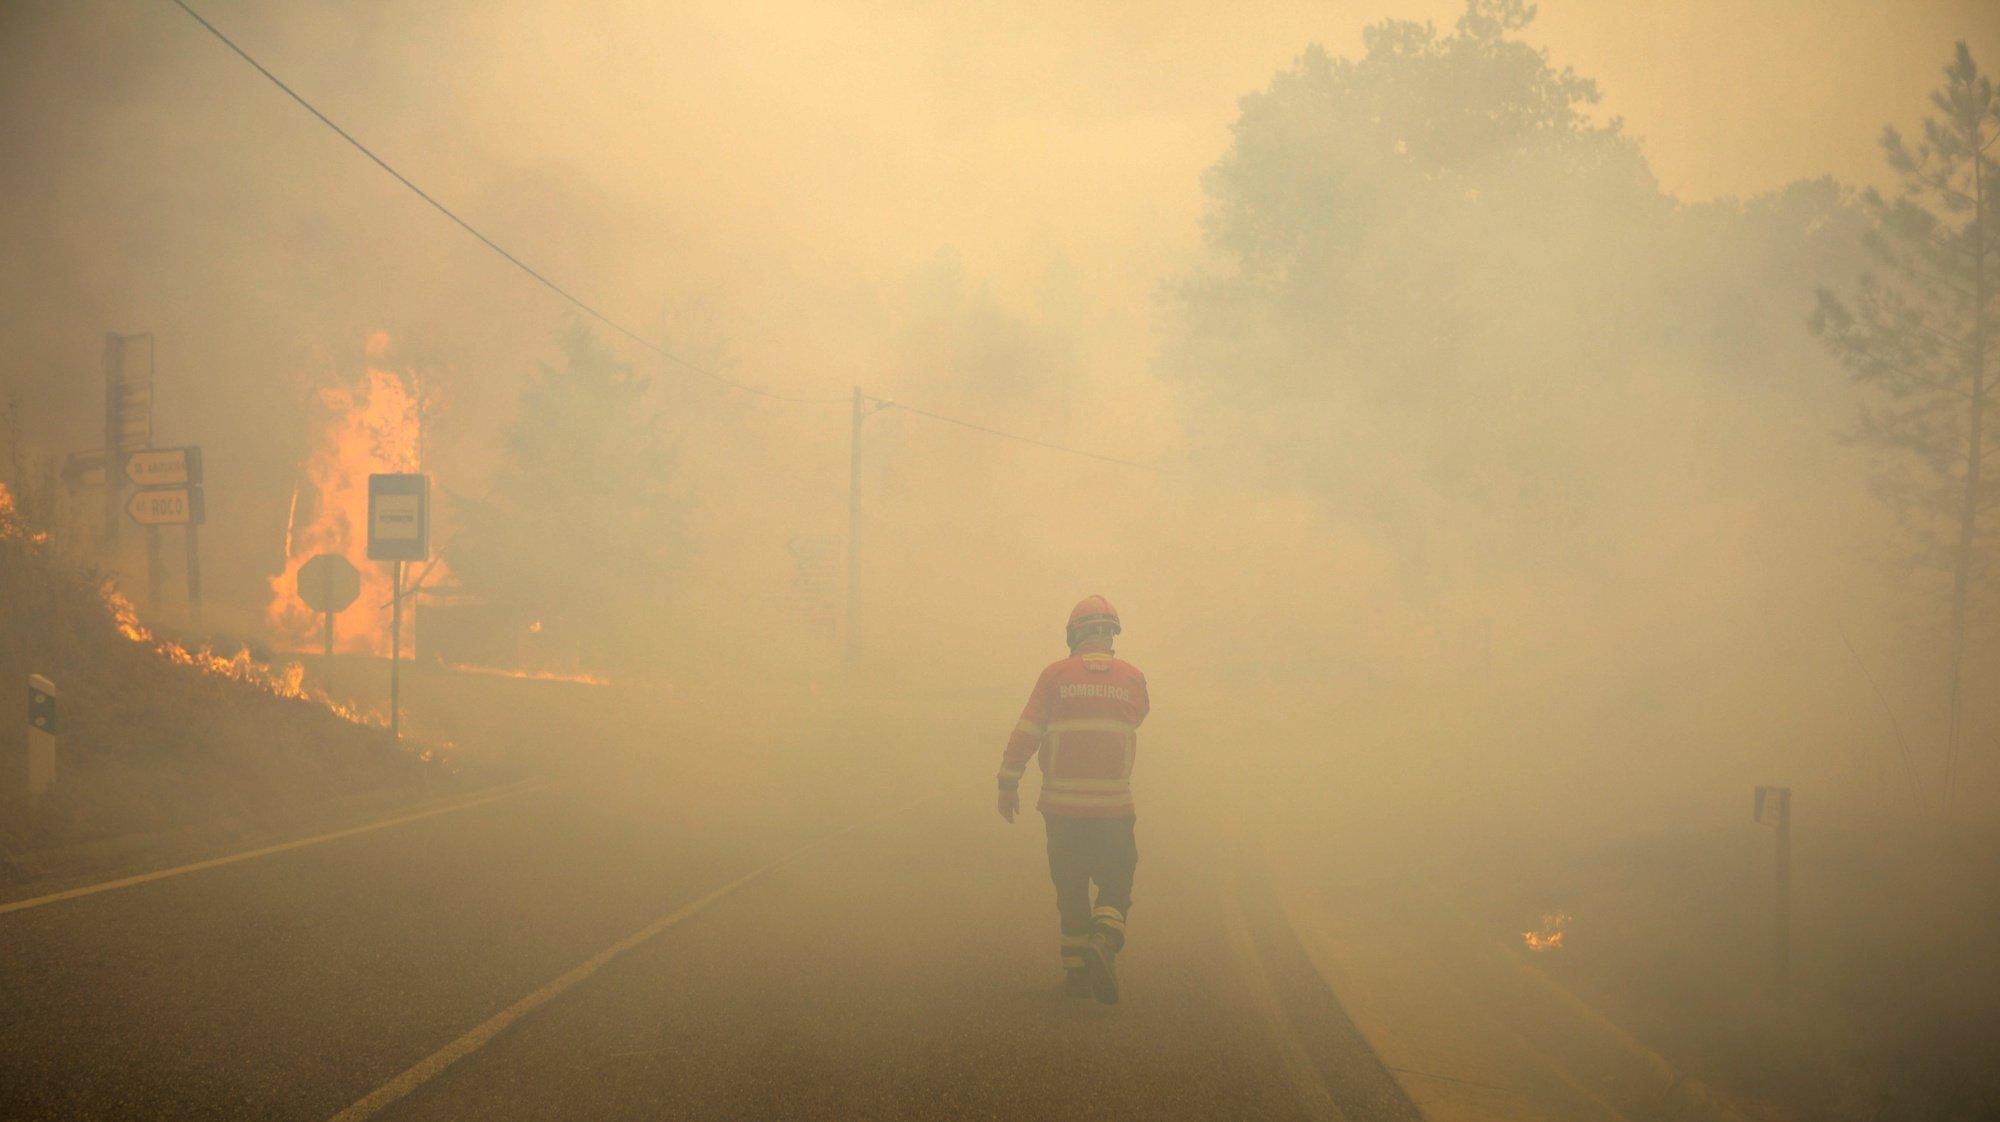 Um bombeiro observa uma frente que lavra em Oleiros, Castelo Branco, 14 de setembro de 2020. O incêndio que deflagrou em Proença-a-Nova no domingo e que lavra hoje com intensidade em Oleiros já está próximo do Rio Zêzere, afirmou hoje o presidente da Câmara. Segundo a Autoridade Nacional de Emergência e Proteção Civil estão neste momento a combater o incêndio 955 operacionais no terreno, apoiados por 315 veículos e quinze meios aéreos. PAULO CUNHA /LUSA